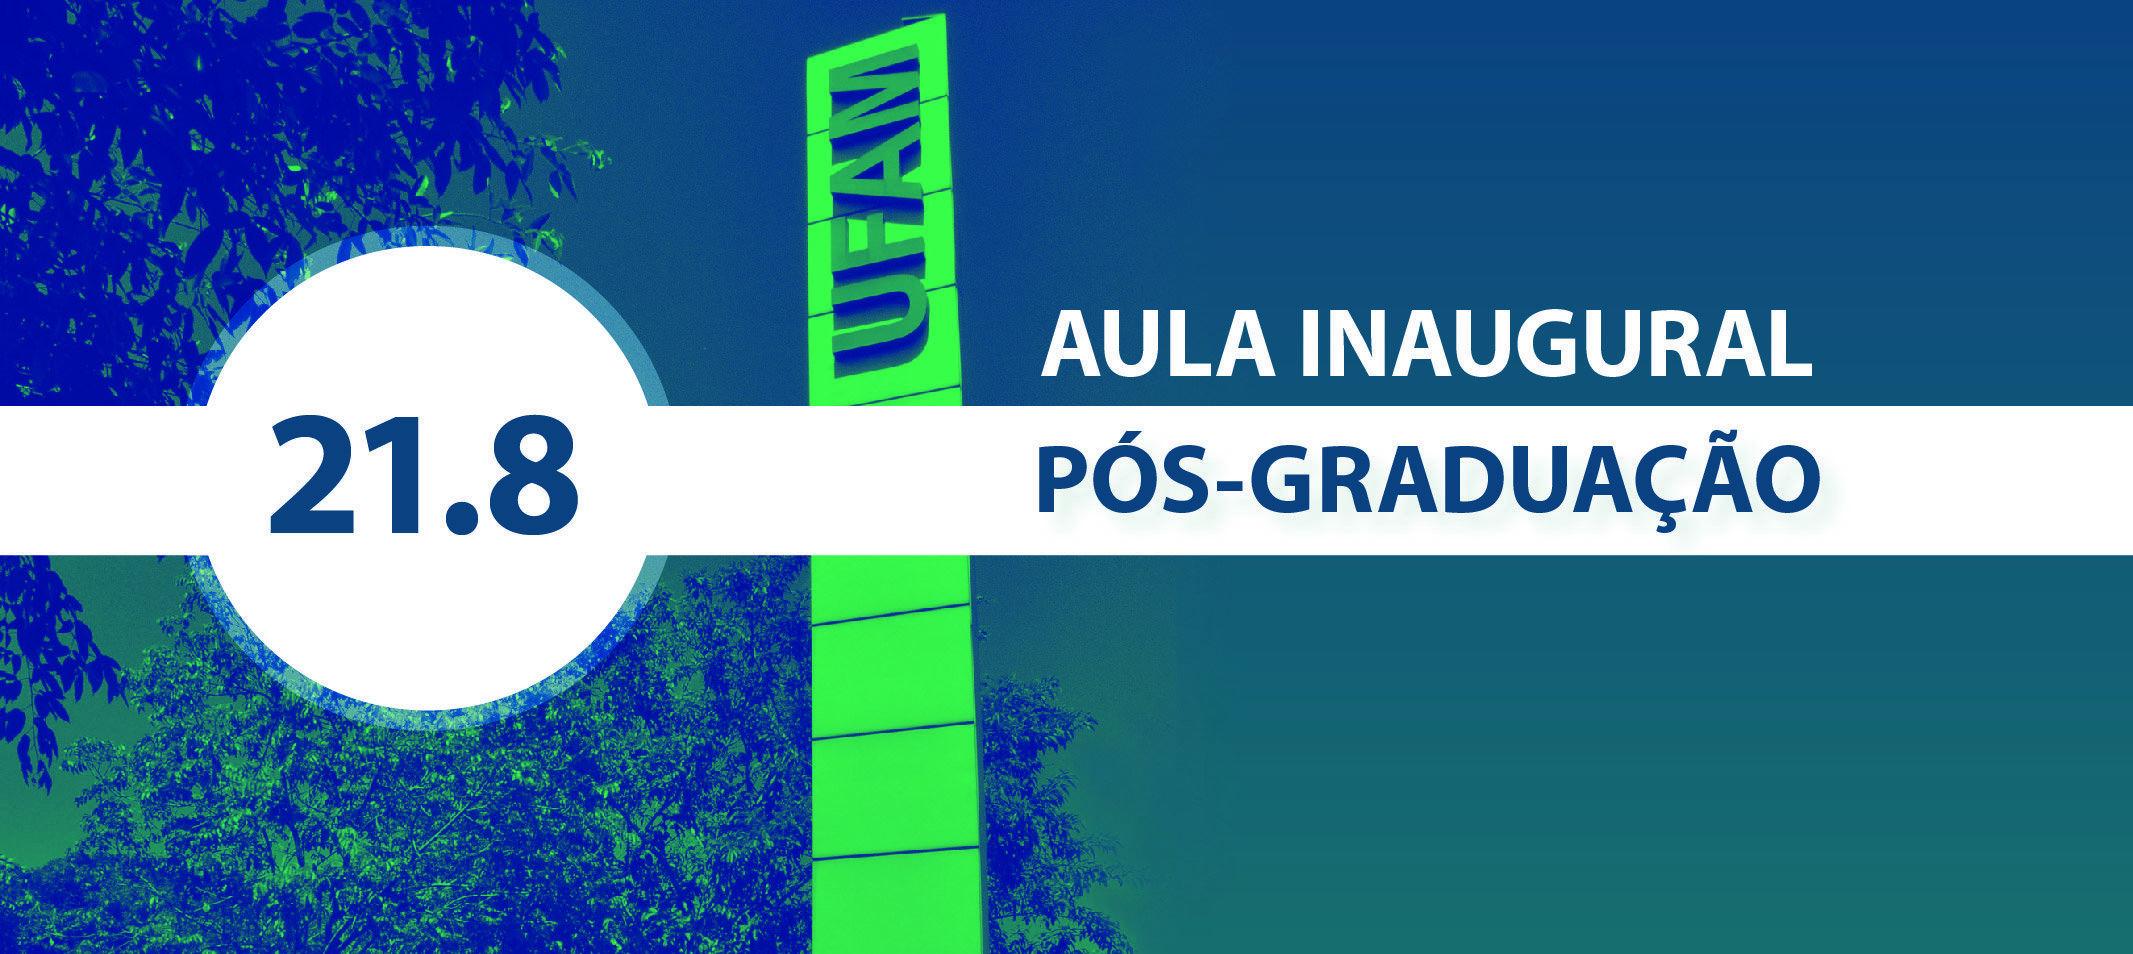 Aula inaugural da pós-graduação discute a importância da internacionalização